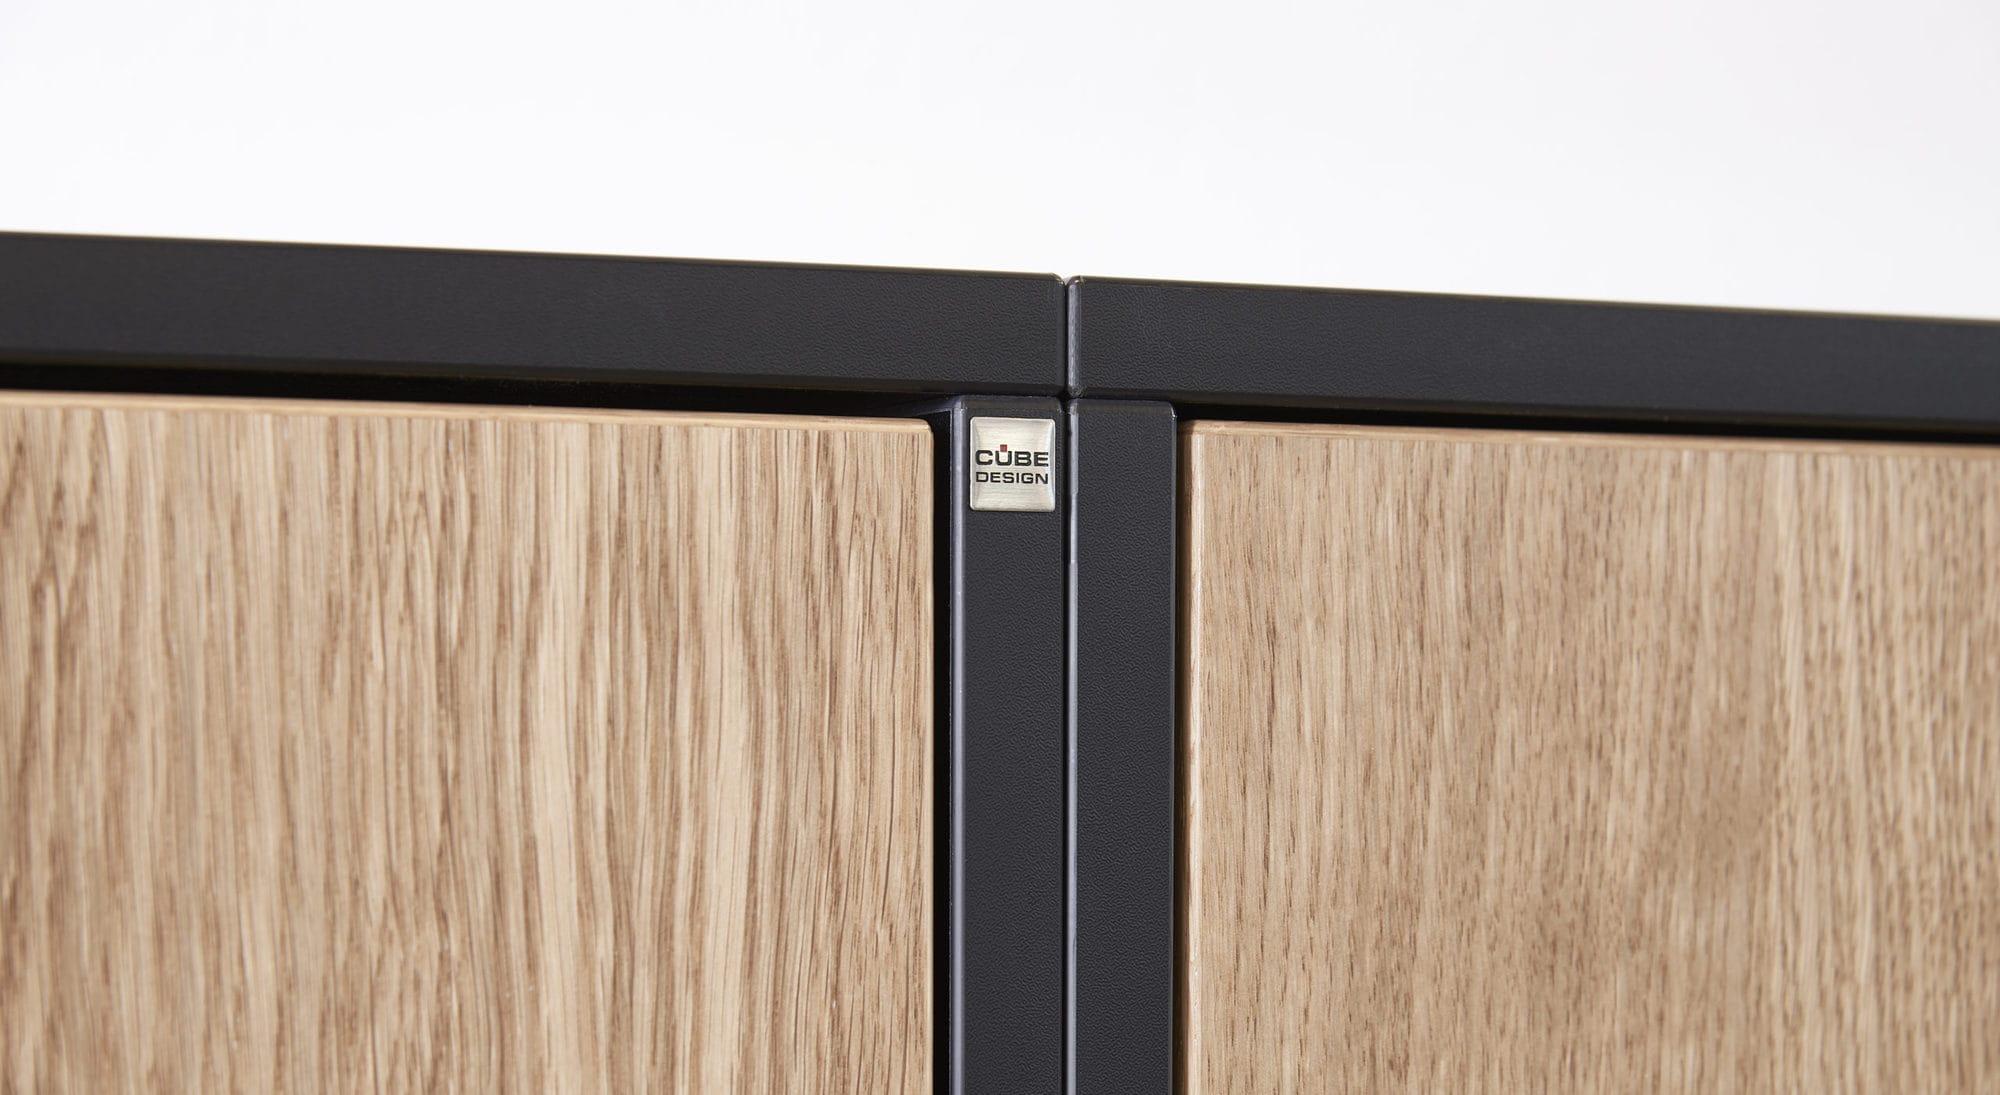 Cube Design - kontormøbler - Quadro opbevaring - samling